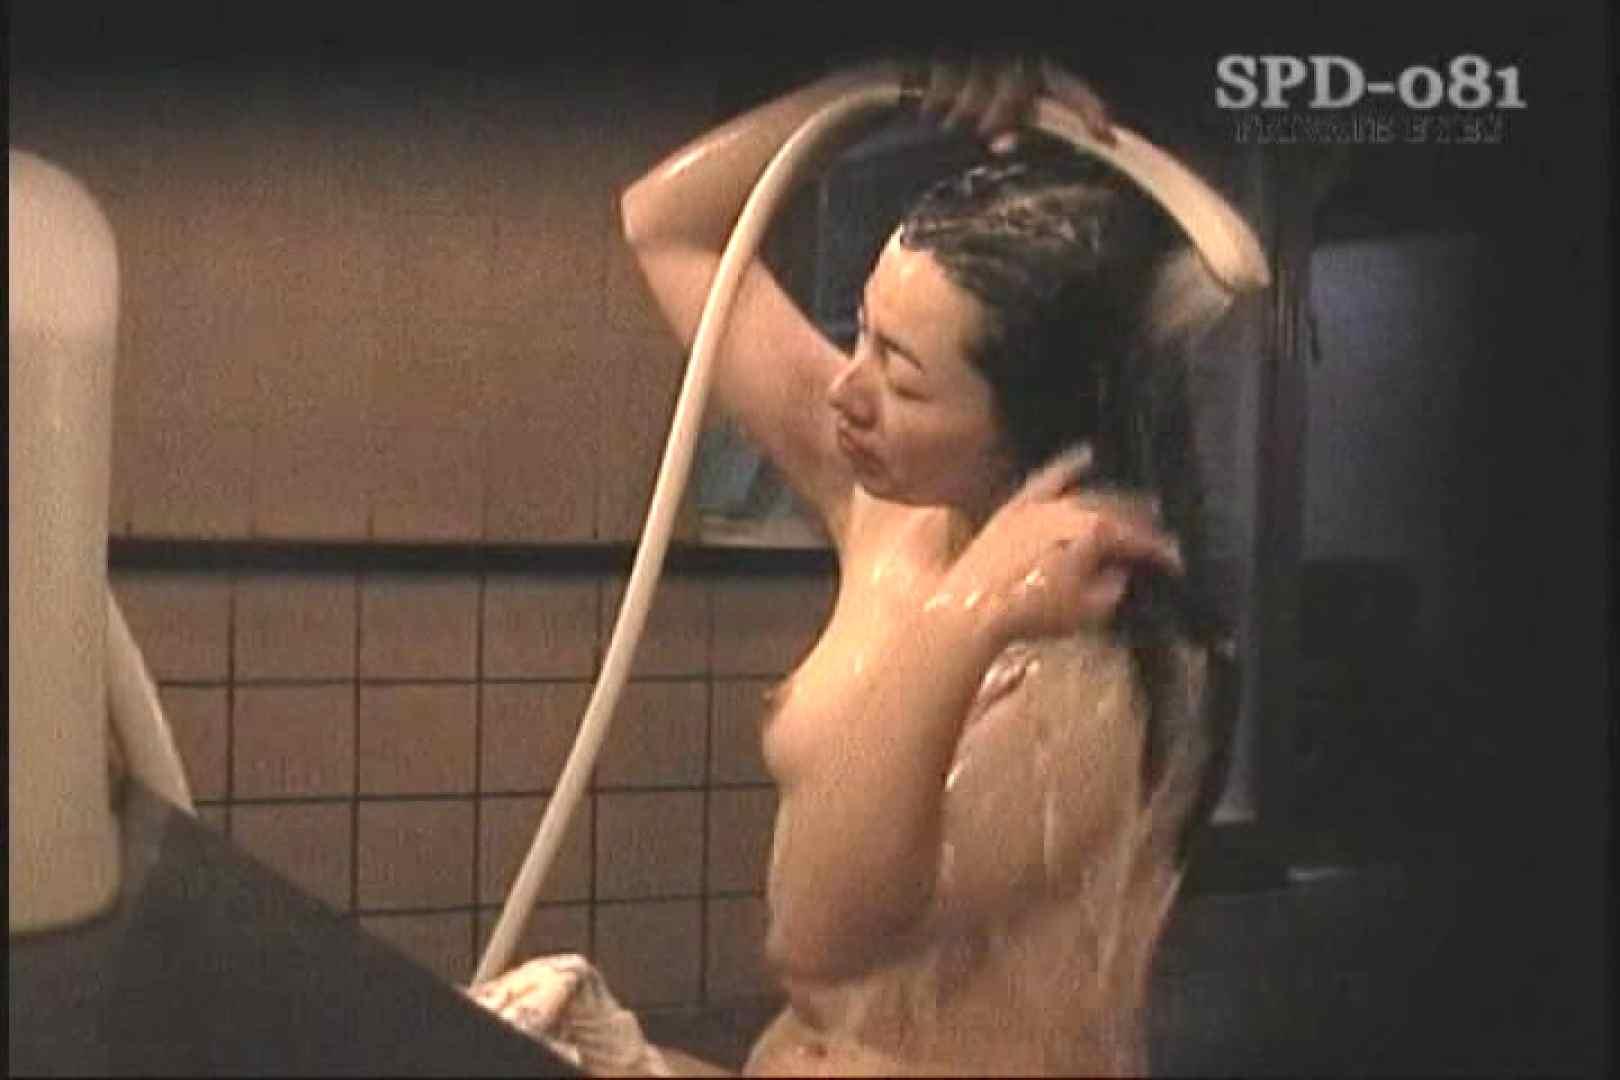 高画質版!SPD-081 盗撮 3 新・湯乙女の花びら